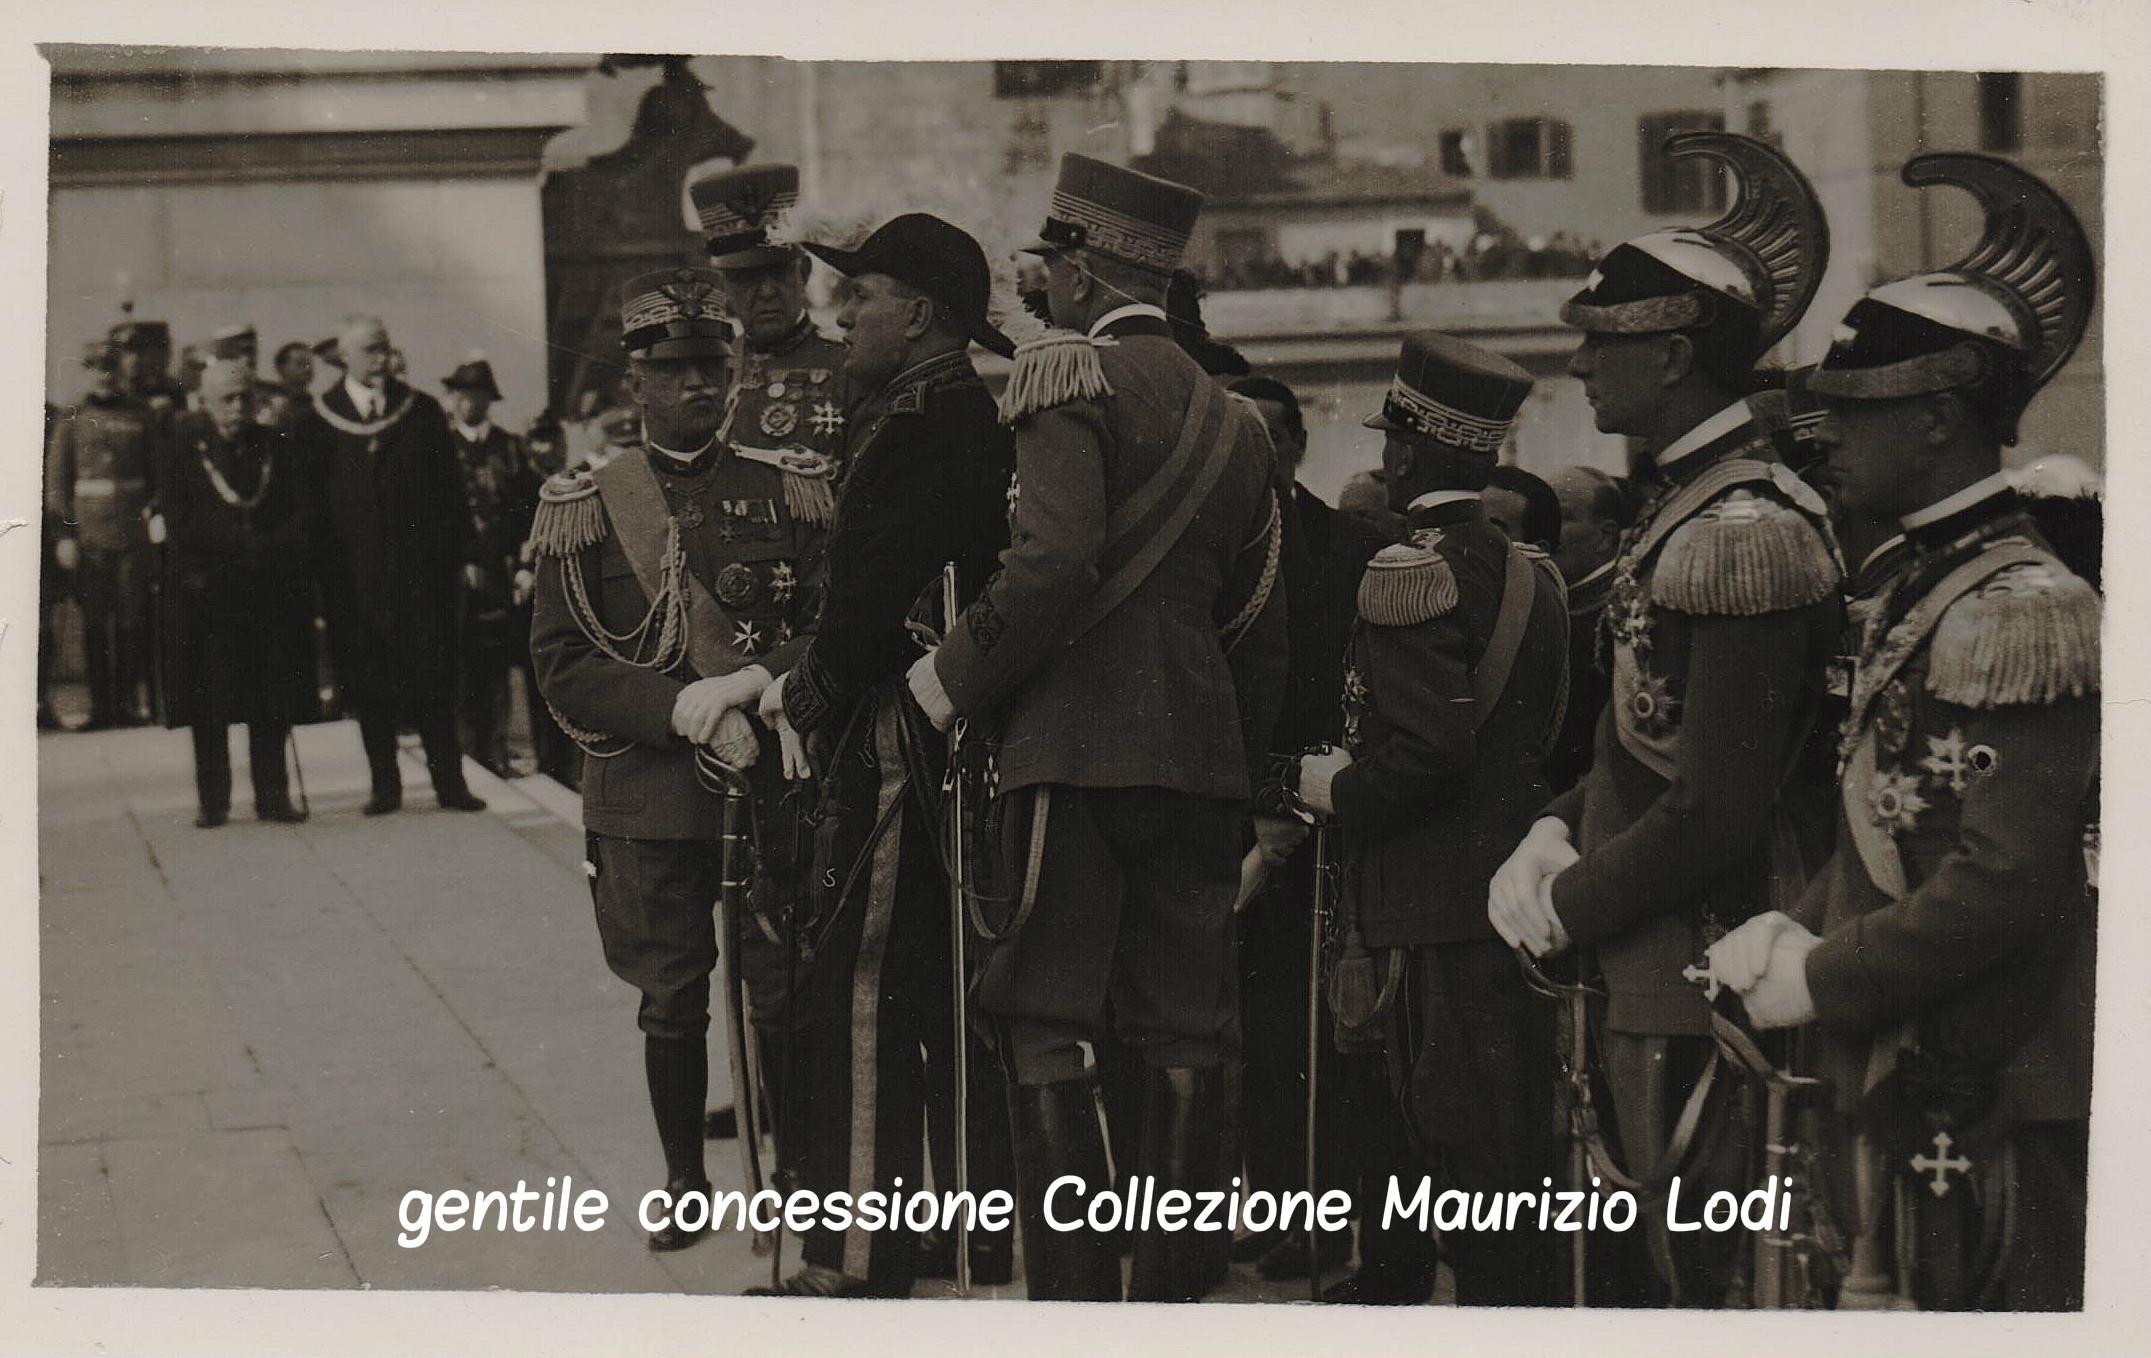 I funerali del Generale Diaz, Duca della Vittoria, alla presenza di S.M. il Re e di Benito Mussolini (marzo 1928)